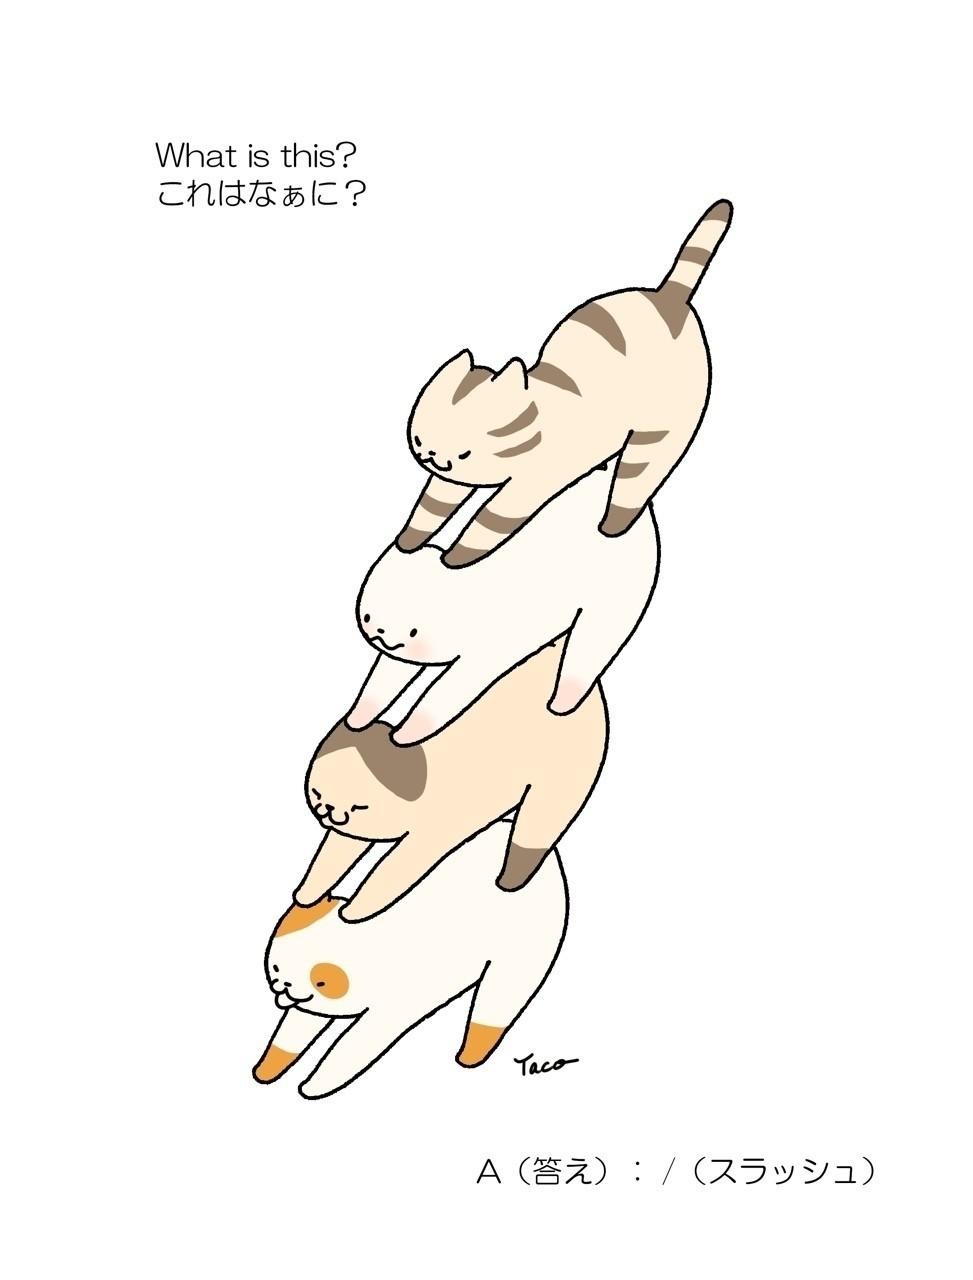 「いつか、あいうえお絵本のように、こんな本ができたりして」 #絵本 #猫 #漫画 #cat